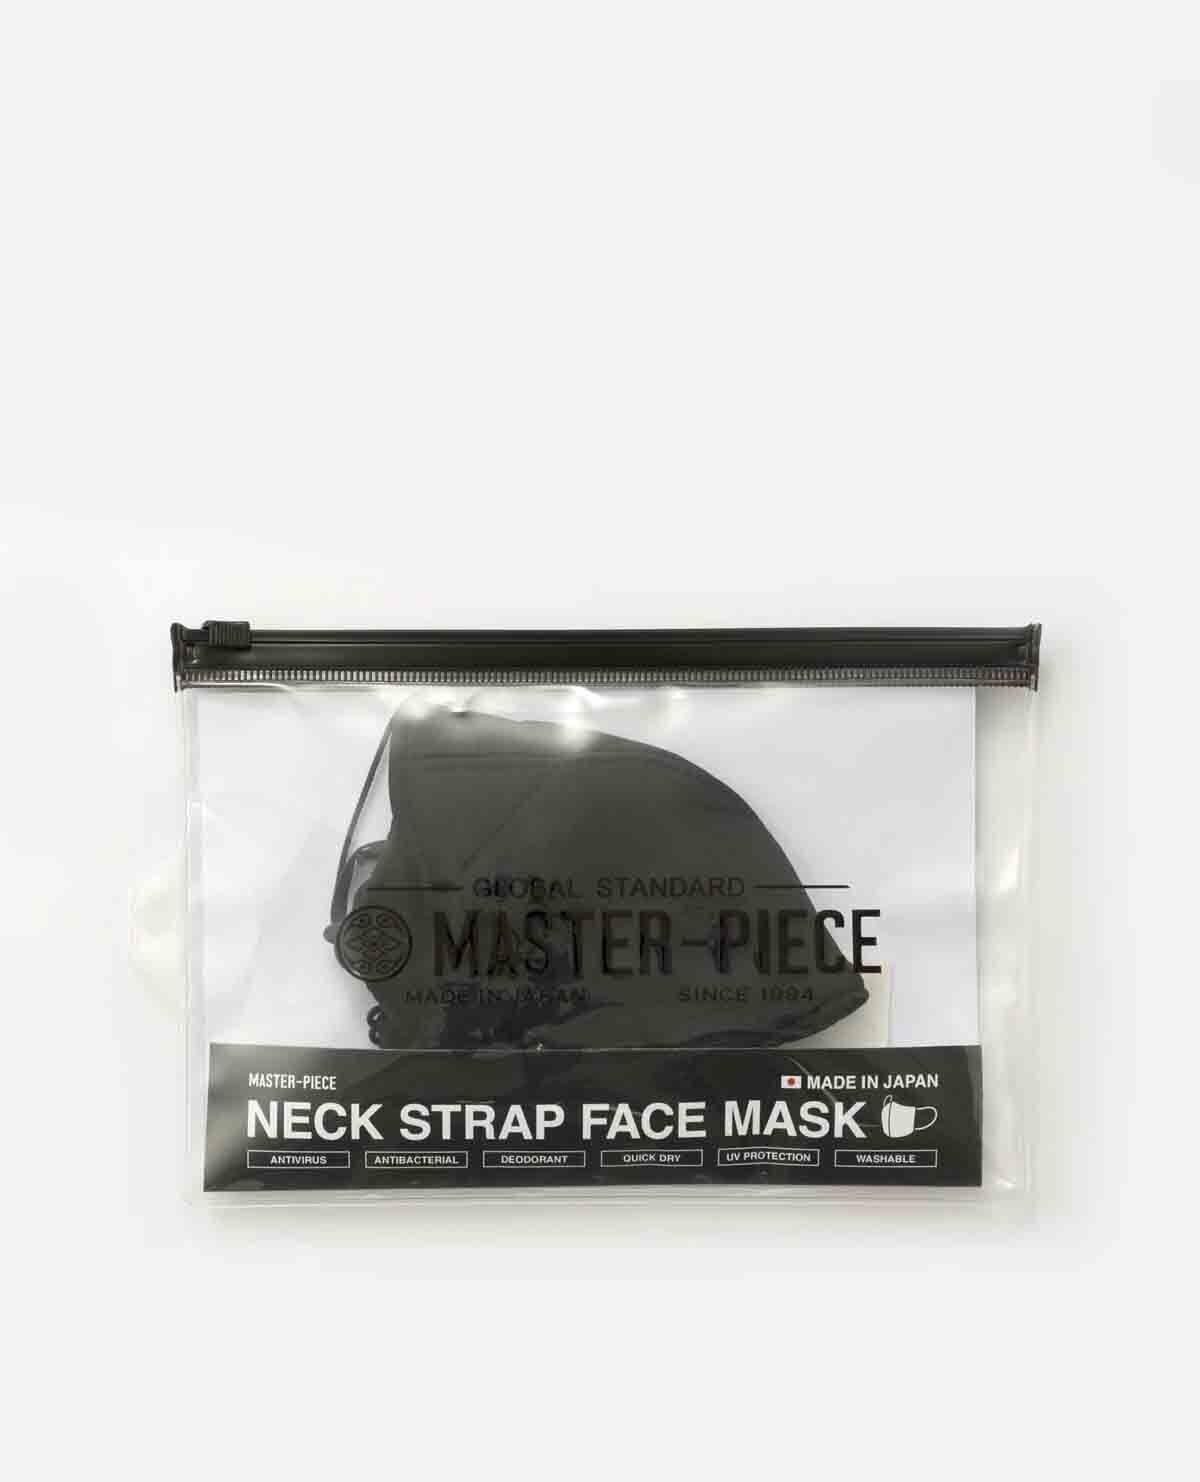 ネックストラップフェイスマスク